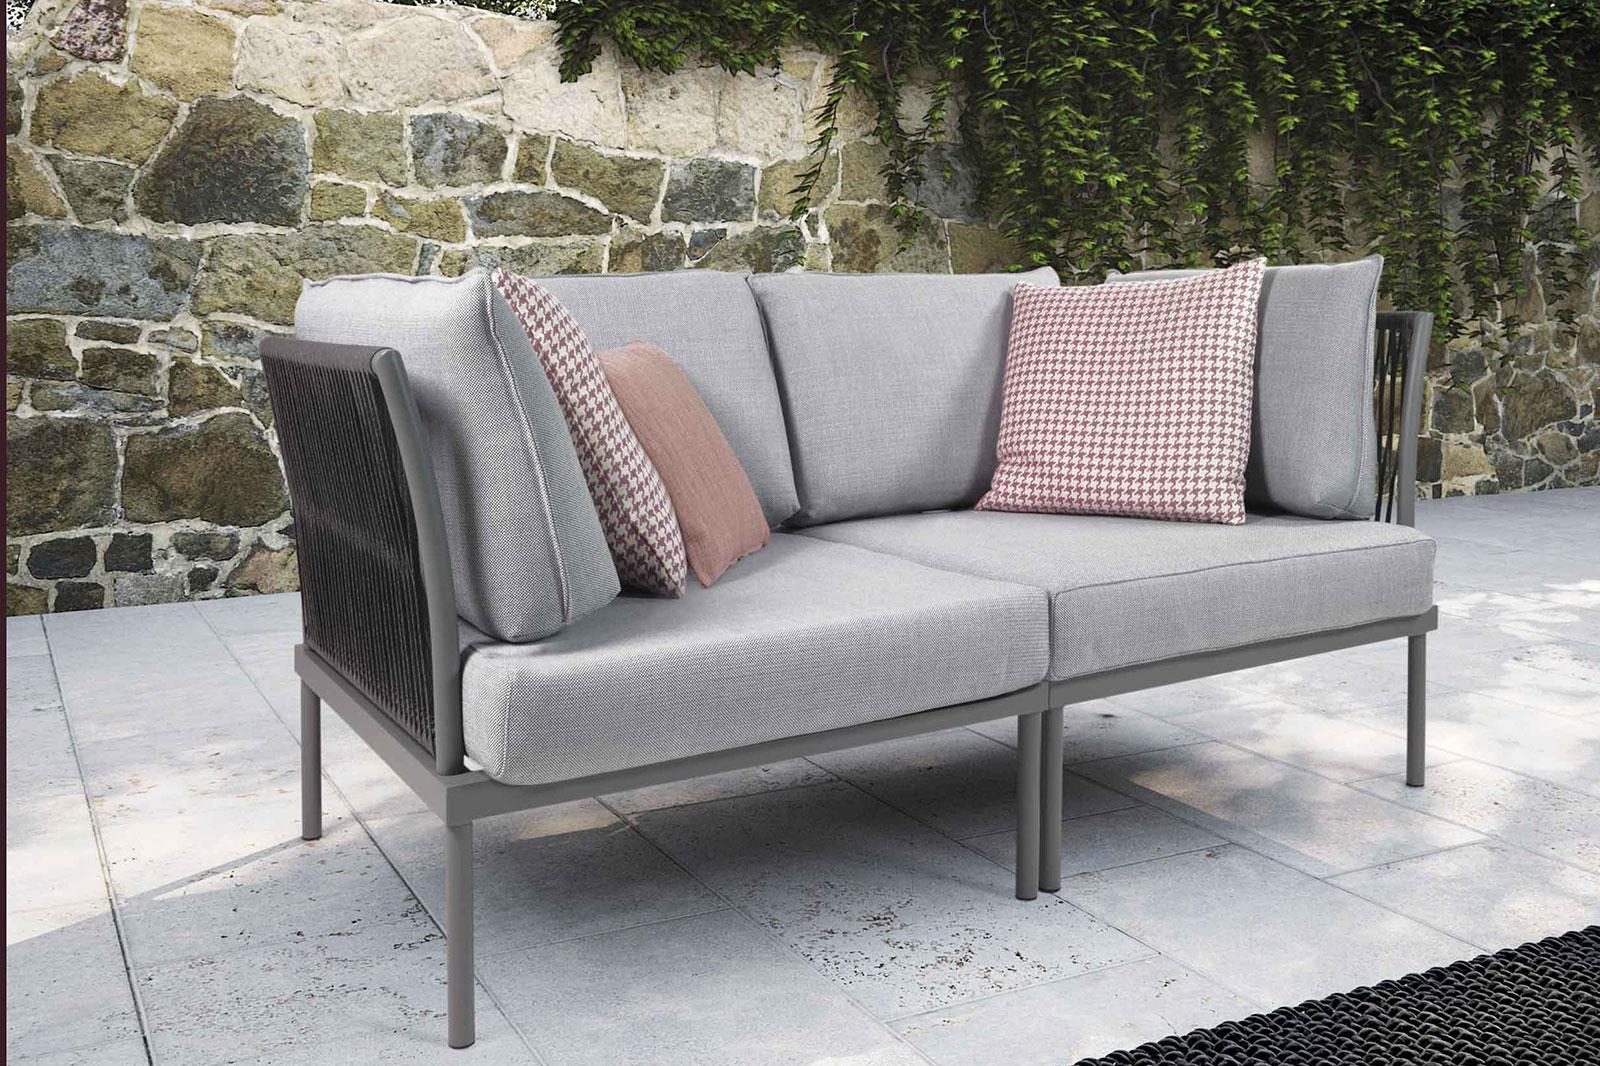 flare divano 2 posti da esterno vendita online italy